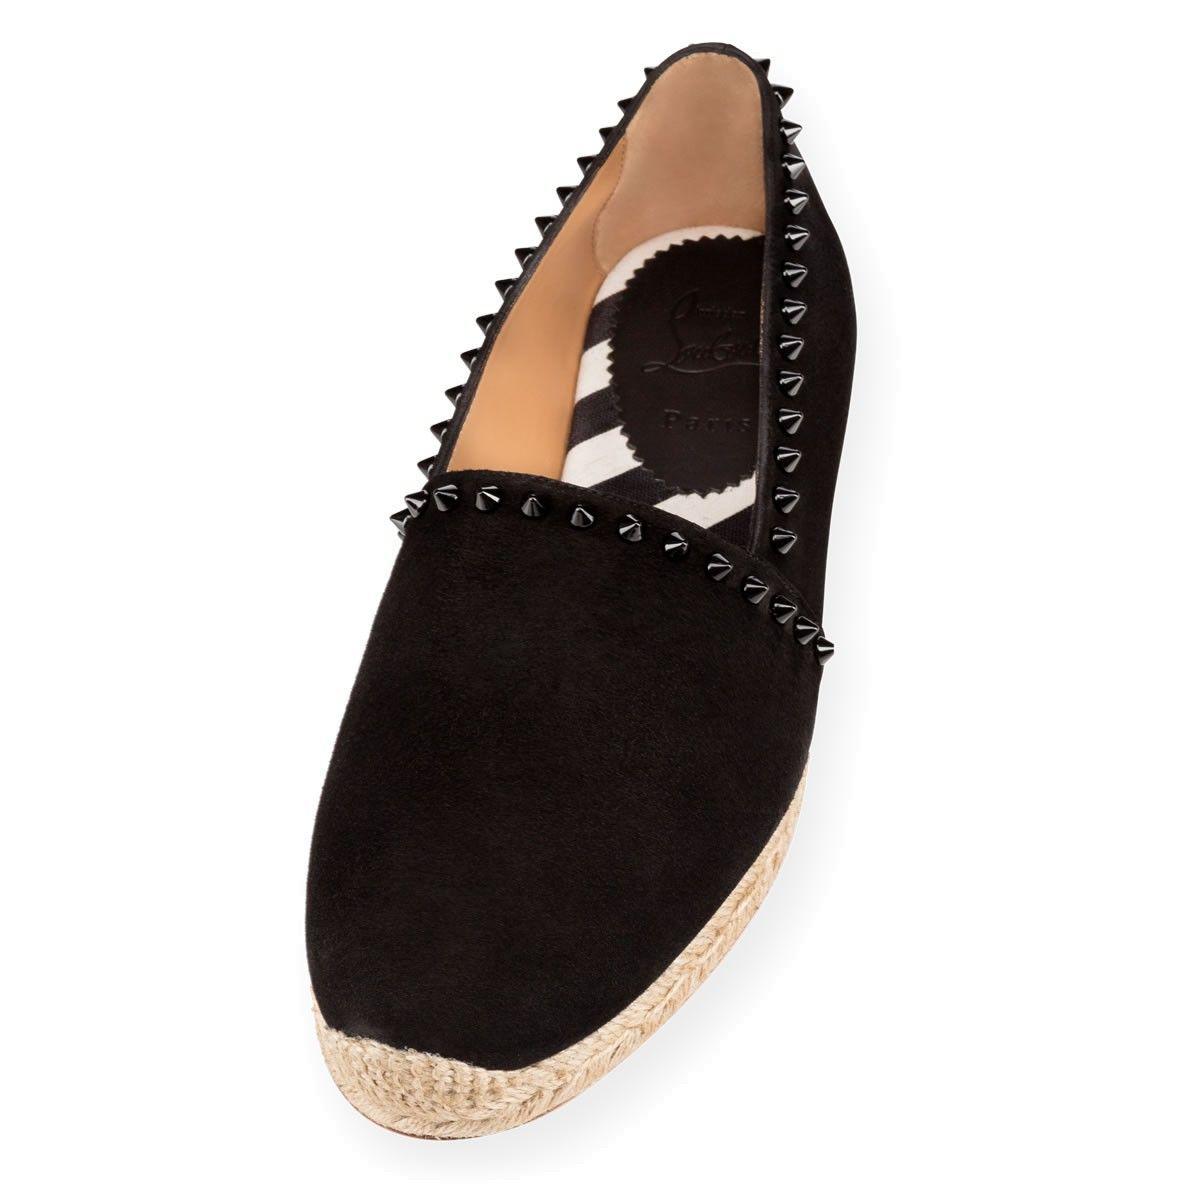 e343e0c4b68 Men Shoes - Melides Casa Flat Suede - Christian Louboutin | MEN'S ...